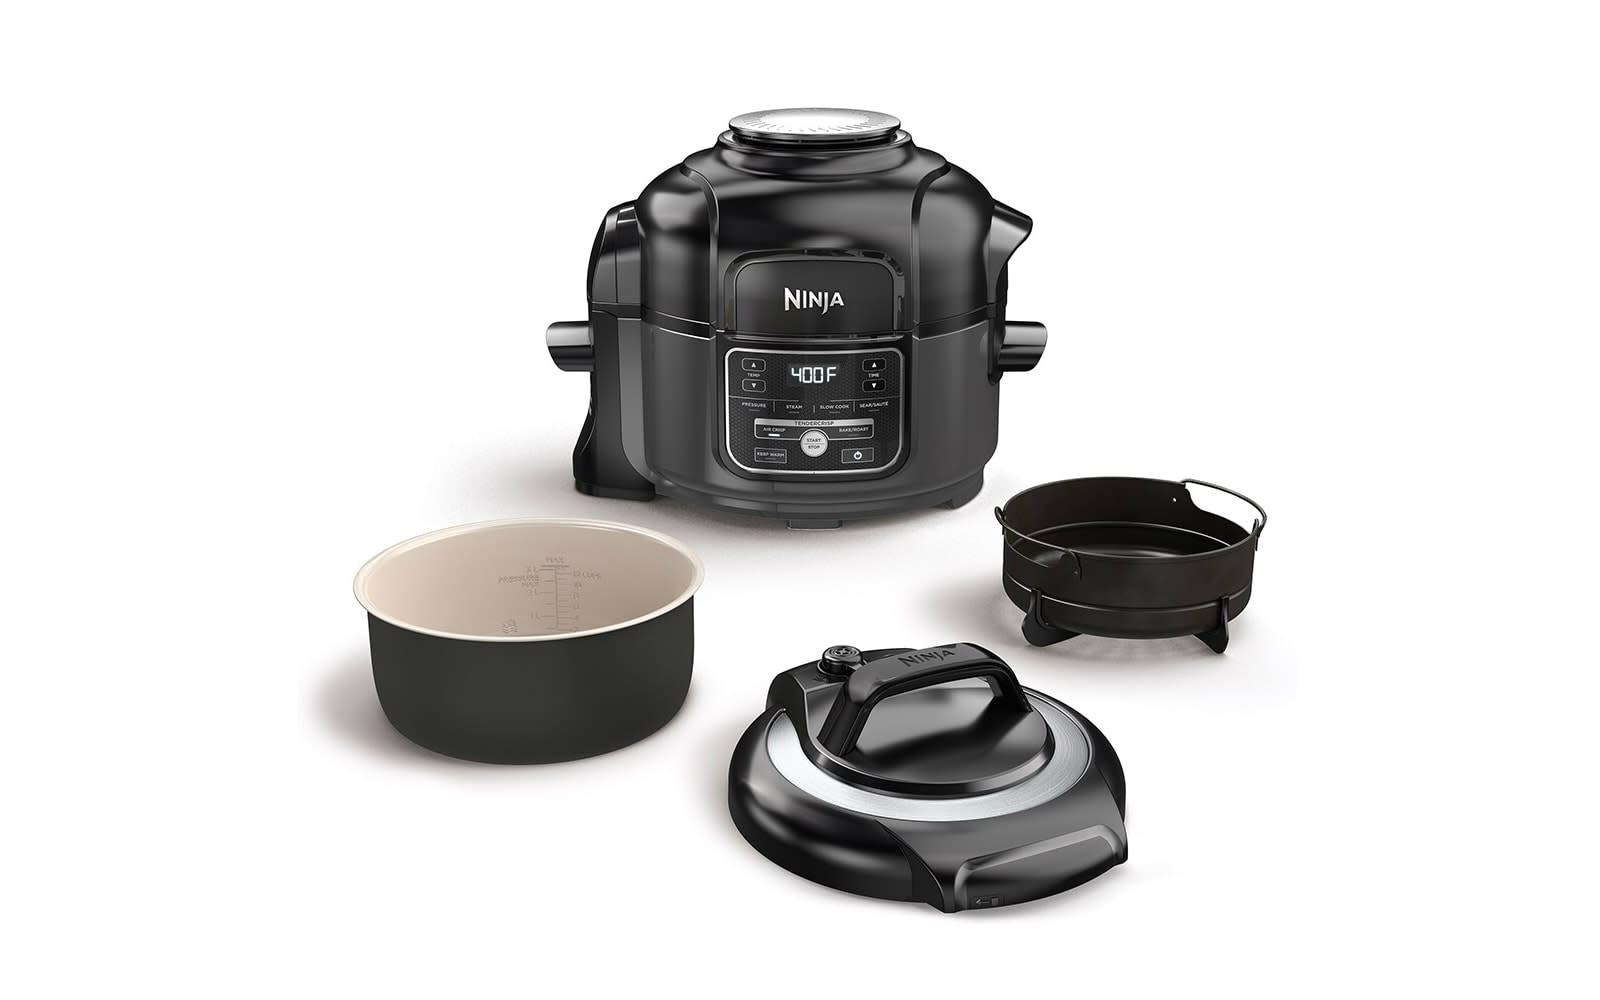 Amazon Cuts The Price Of The 7 In 1 Ninja Foodi Cooker To 125